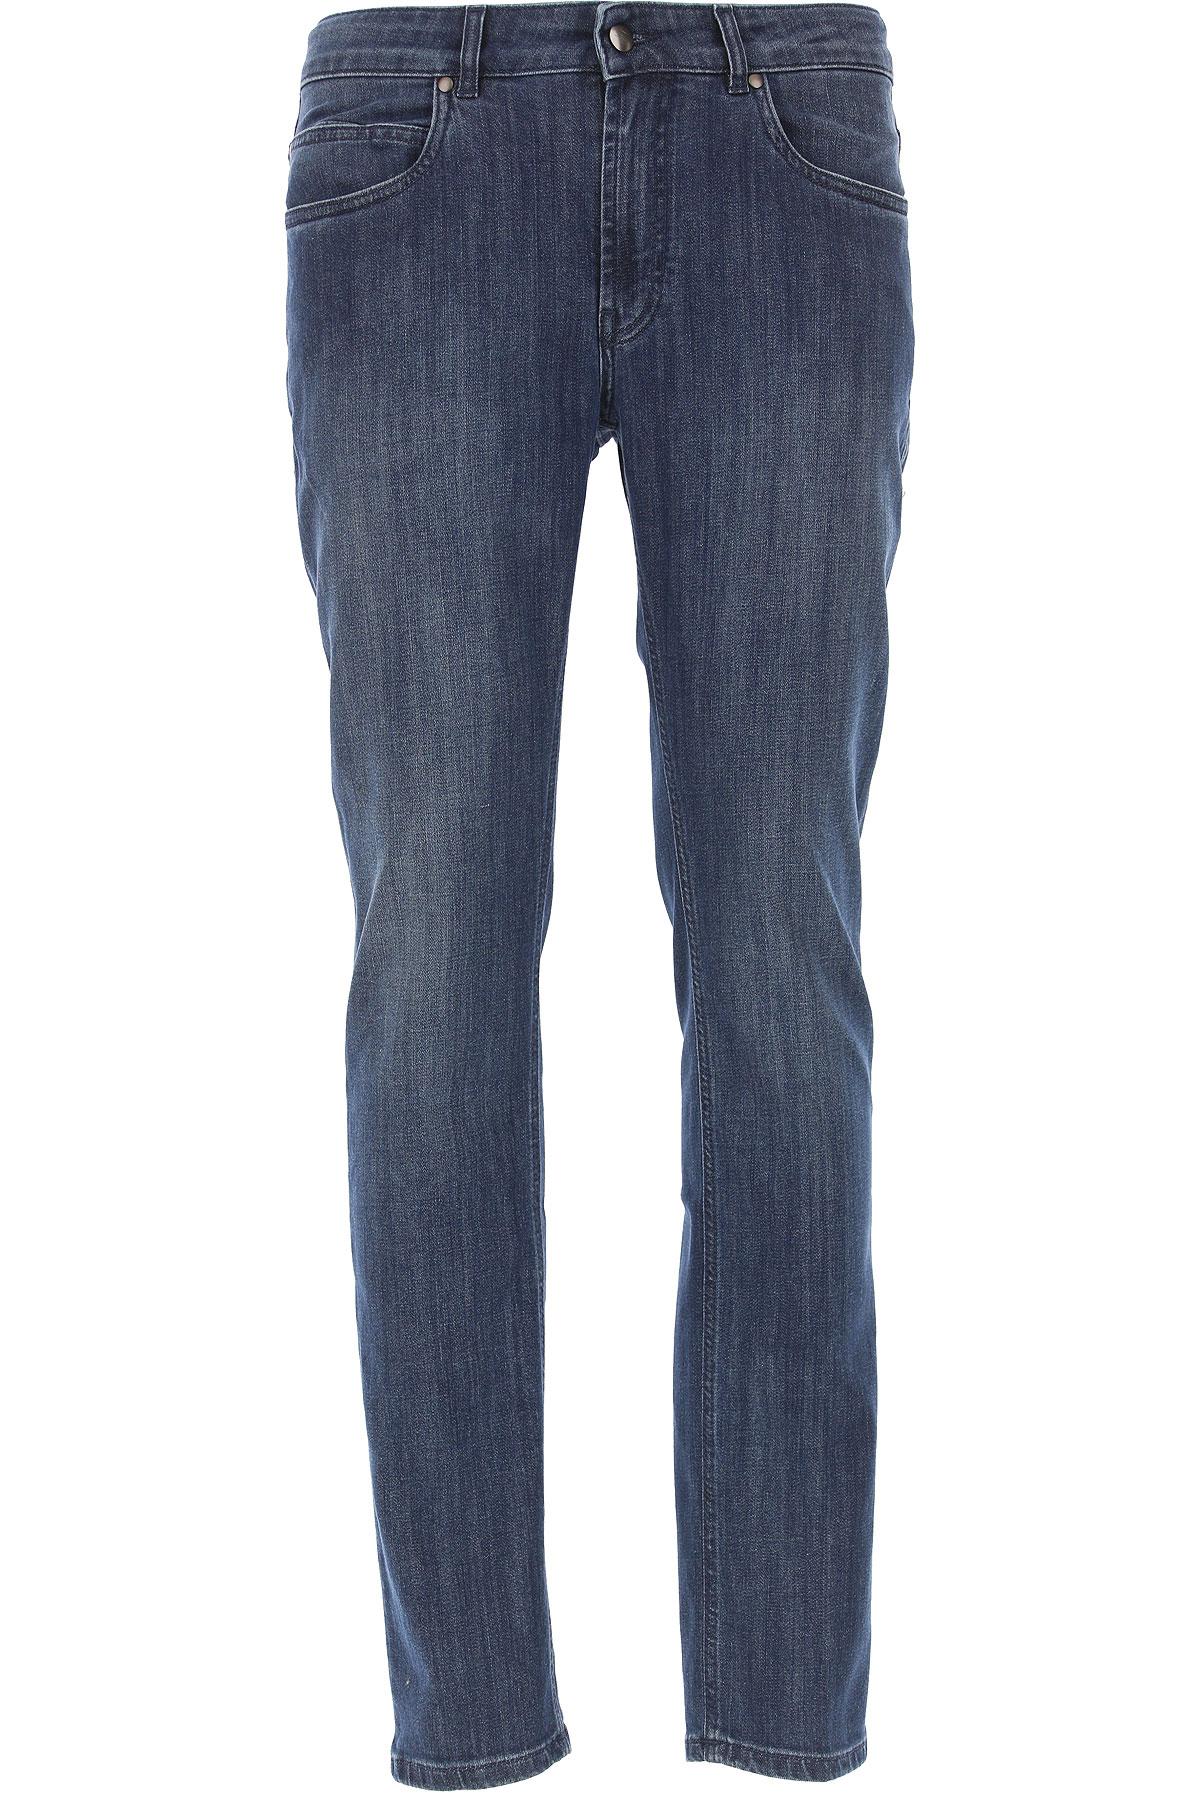 Fay Jeans On Sale, Denim Blue, Cotton, 2019, 34 35